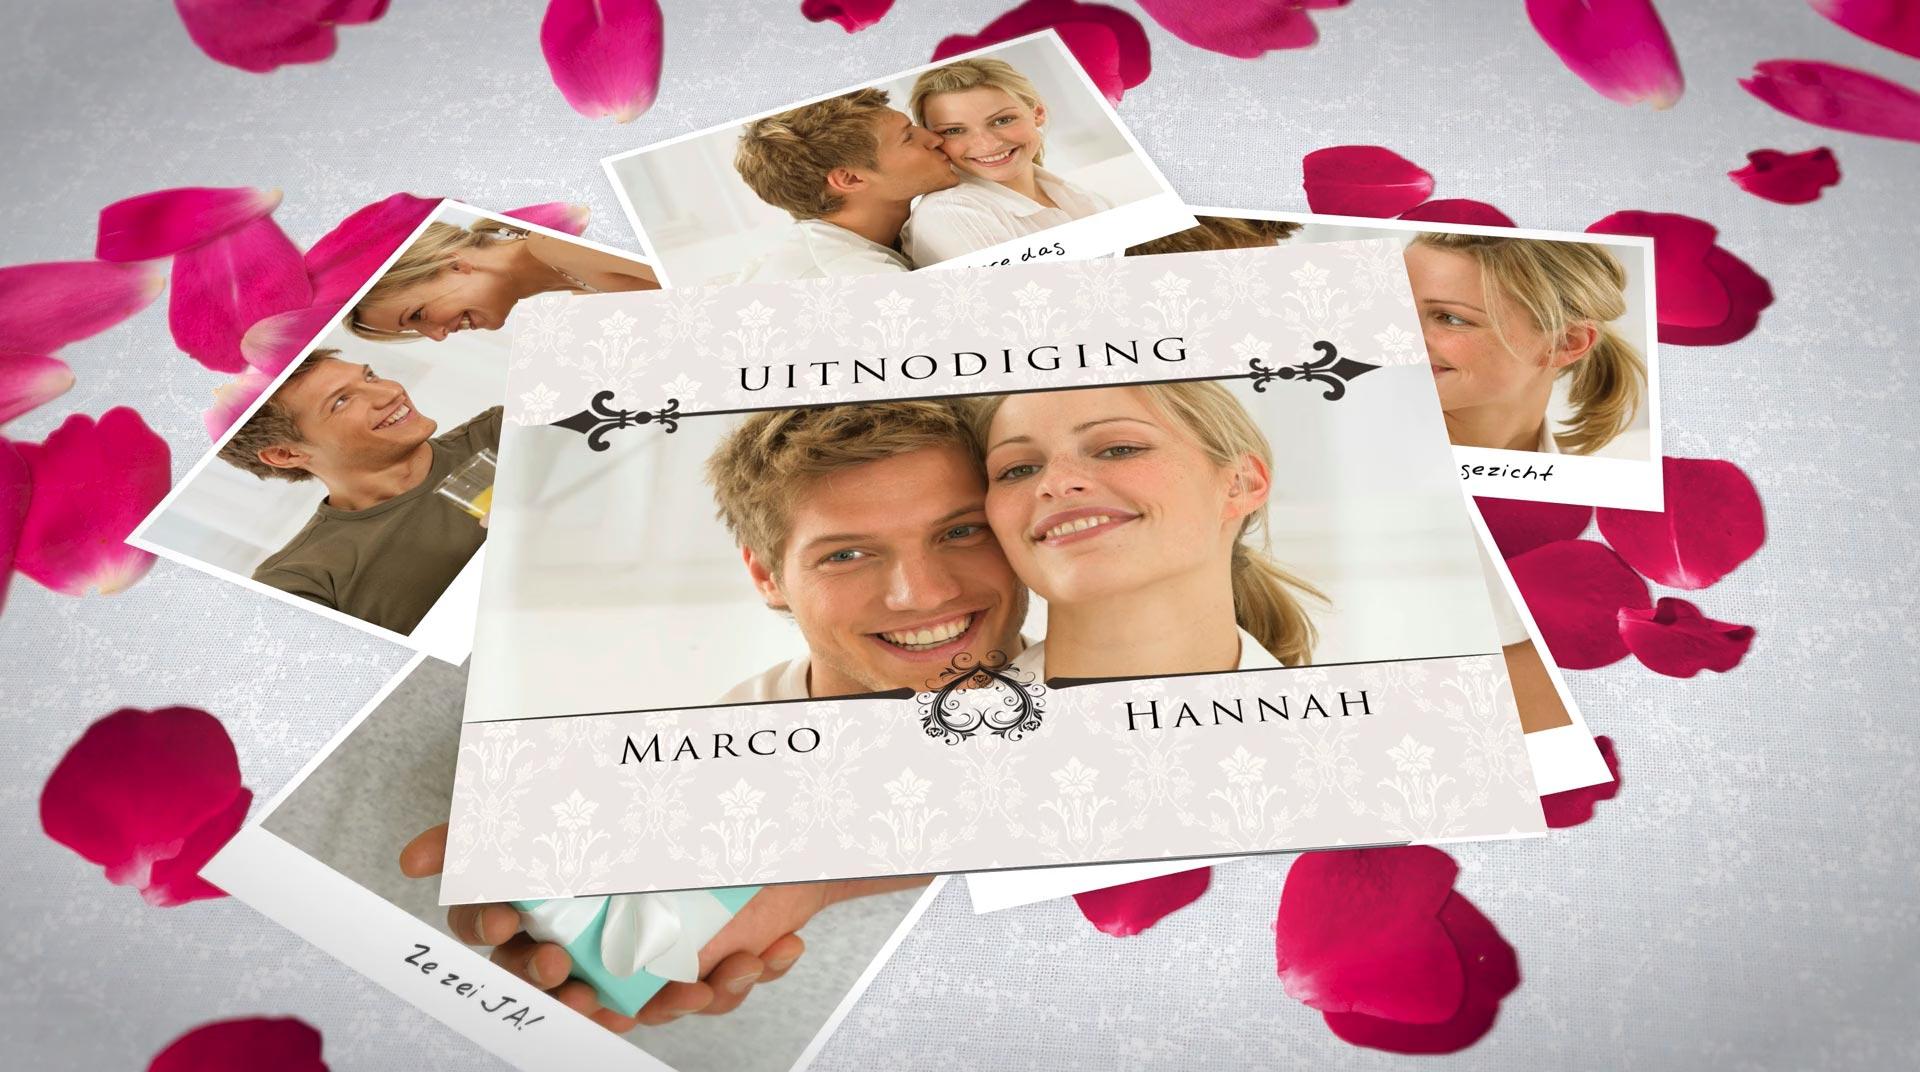 Digitale uitnodiging of save the date voor jullie huwelijk